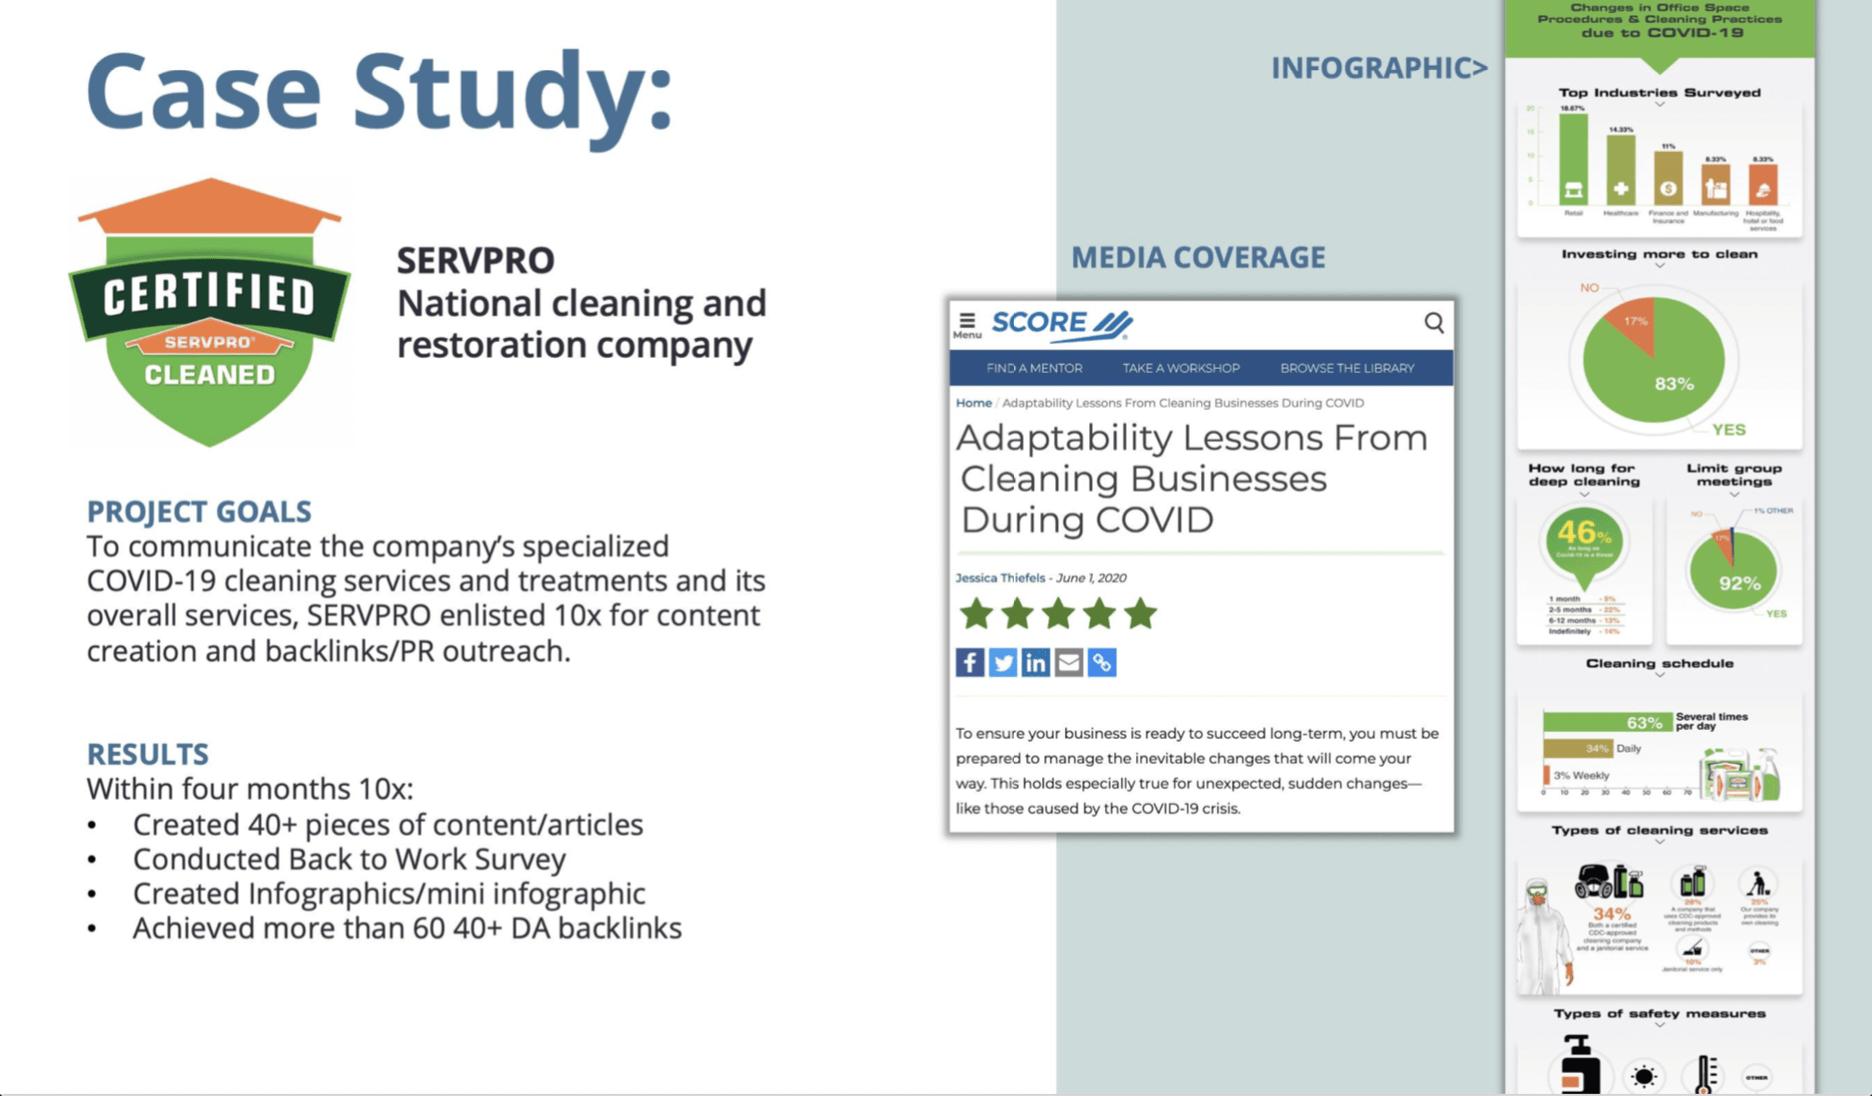 Servpro Survey